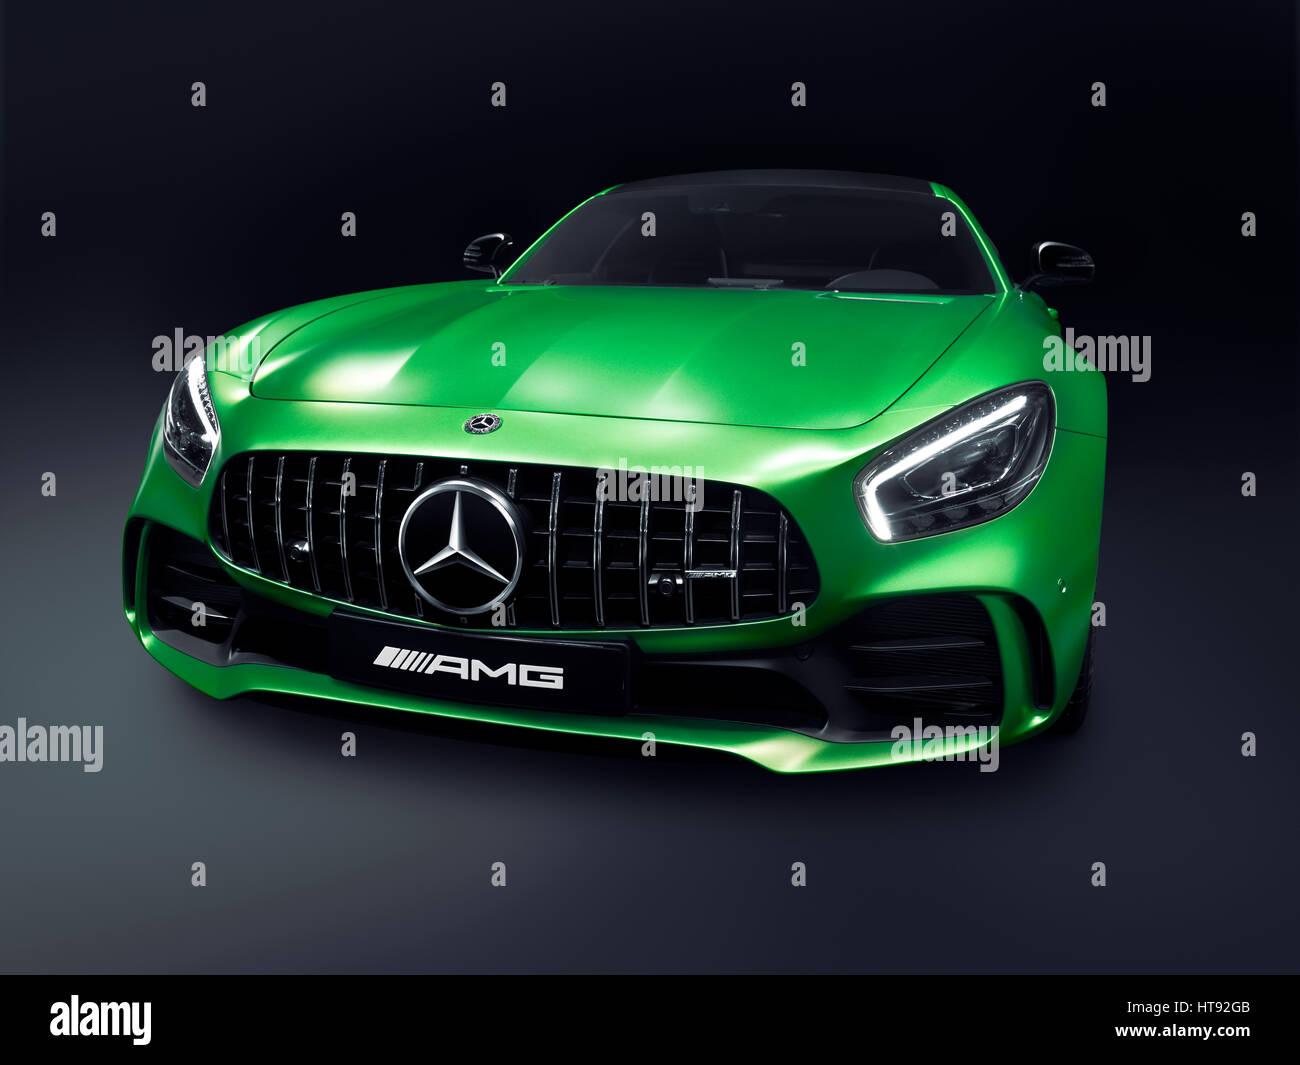 Grun 2017 Mercedes Benz Amg Gt R Coupe Sportwagen Auto Grand Tourer Luxus Isoliert Auf Schwarzem Hintergrund Mit Beschneidungspfad Stockfotografie Alamy